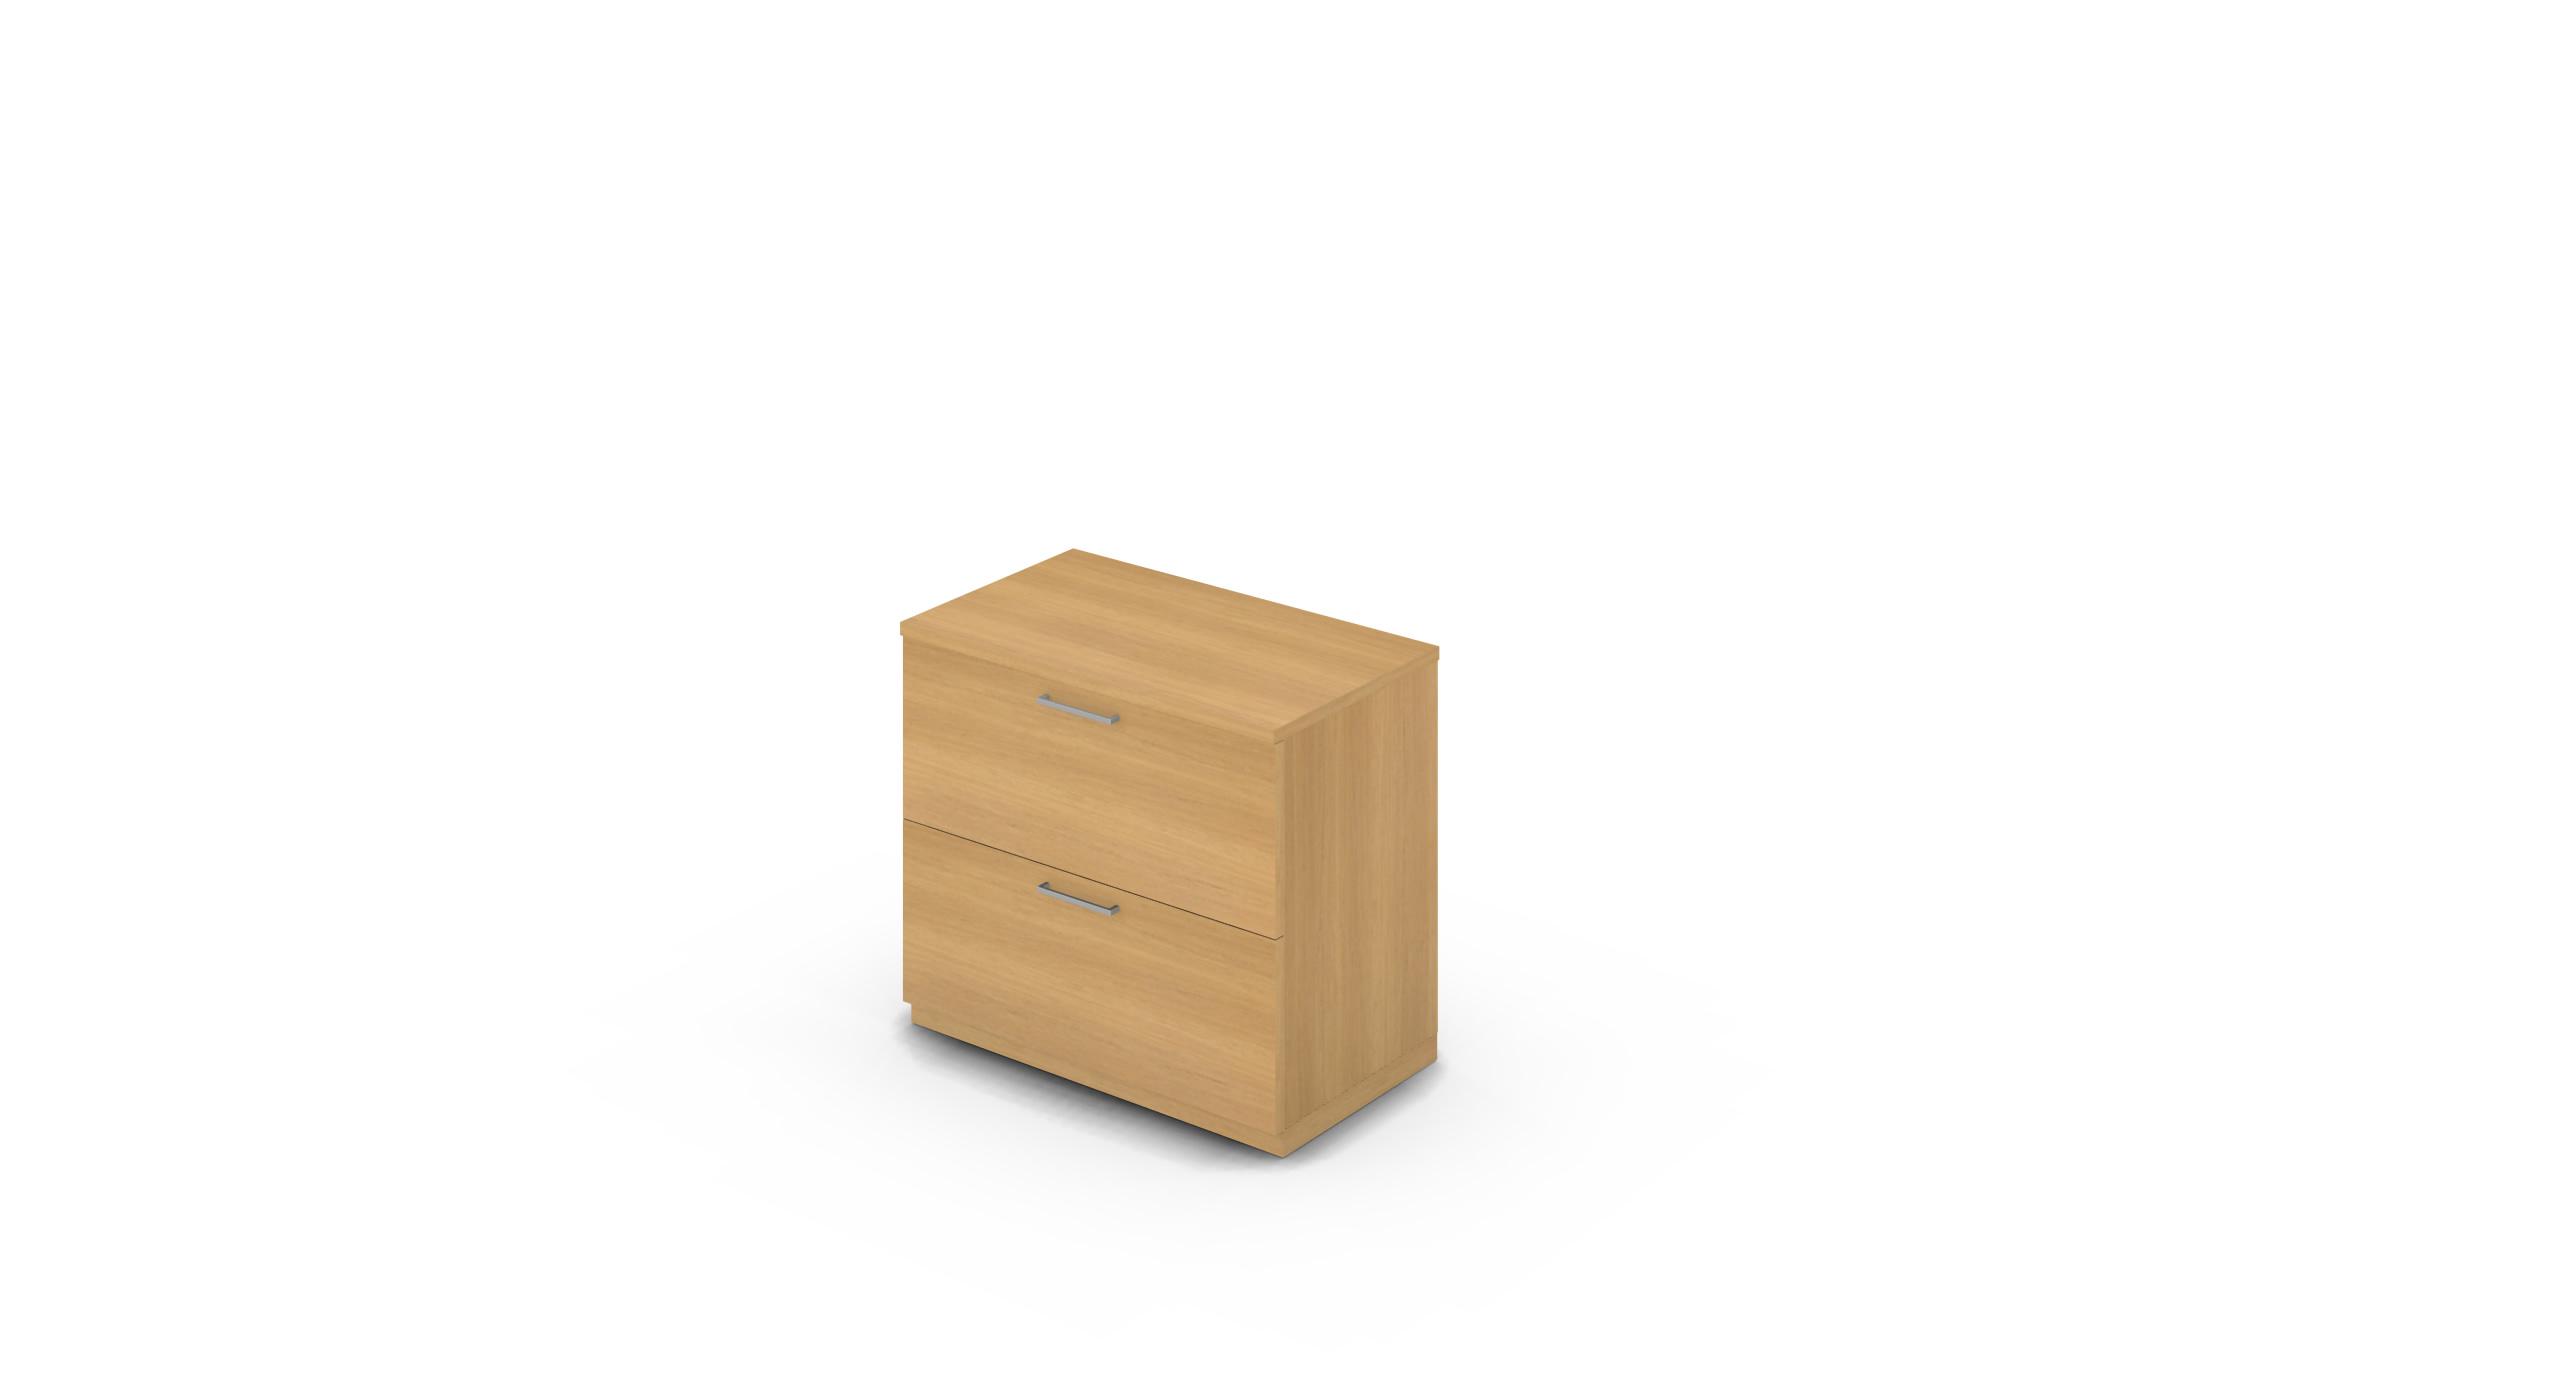 Cabinet_800x450x775_DR_Oak_Bar_Square_NoCylinder